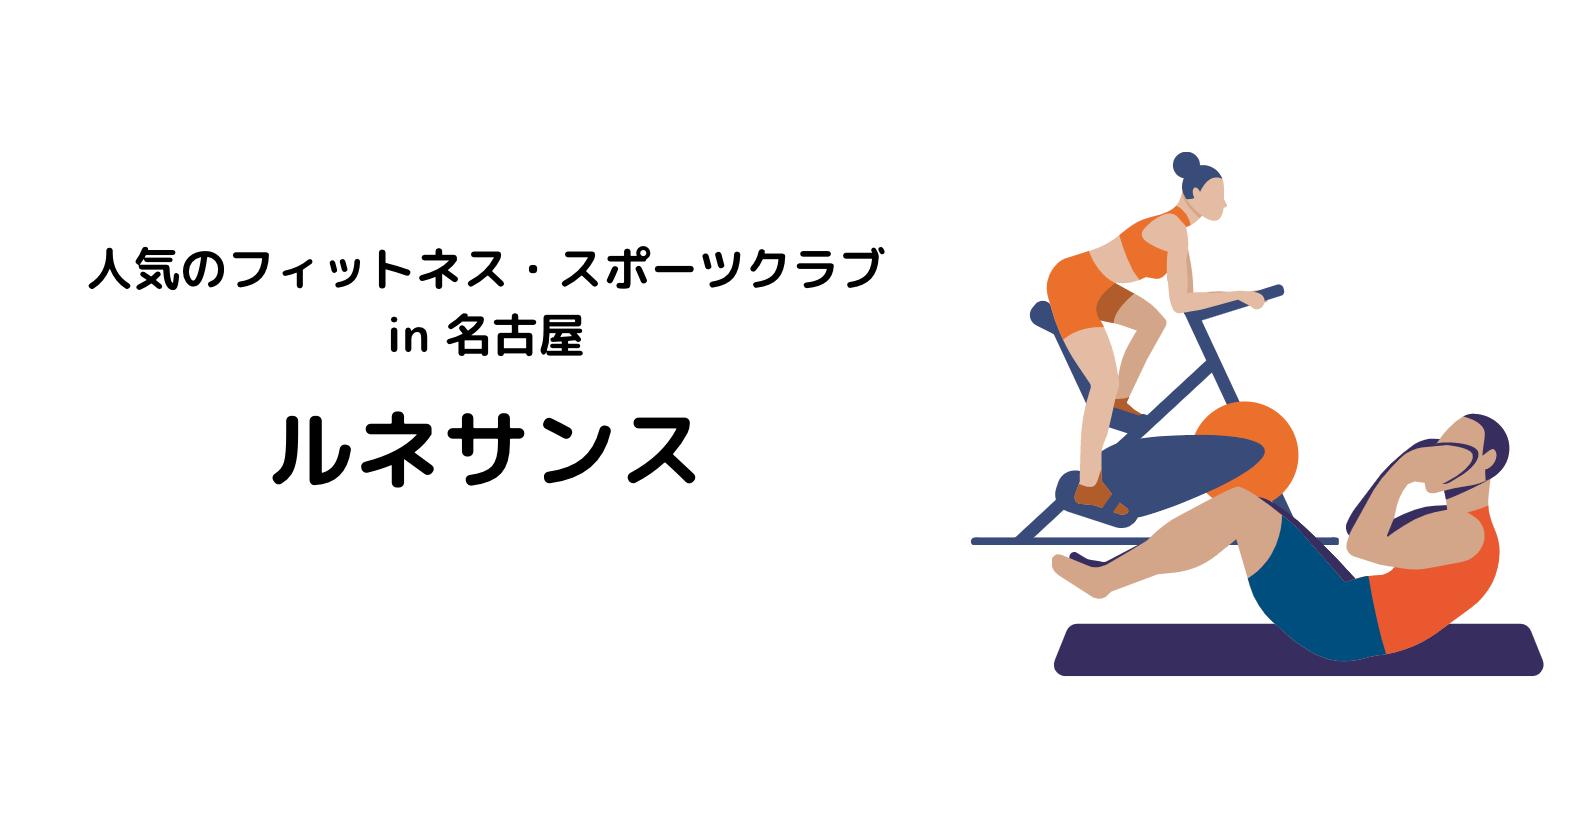 名古屋_ジム_フィットネスジム_スポーツジム_フィットネスクラブ_スポーツクラブ_おすすめ_人気_ランキング_ルネサンス